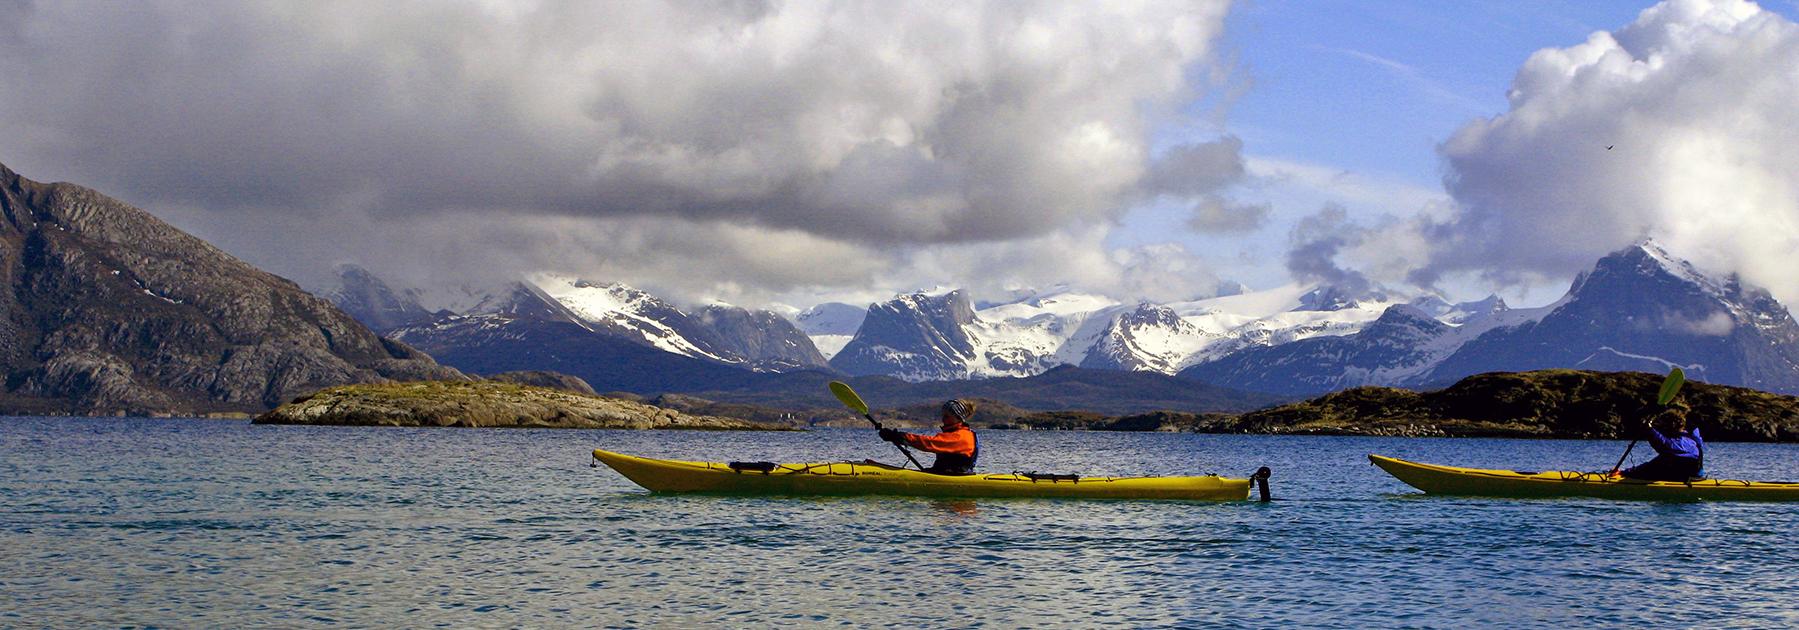 Norway Kayak 2.jpg